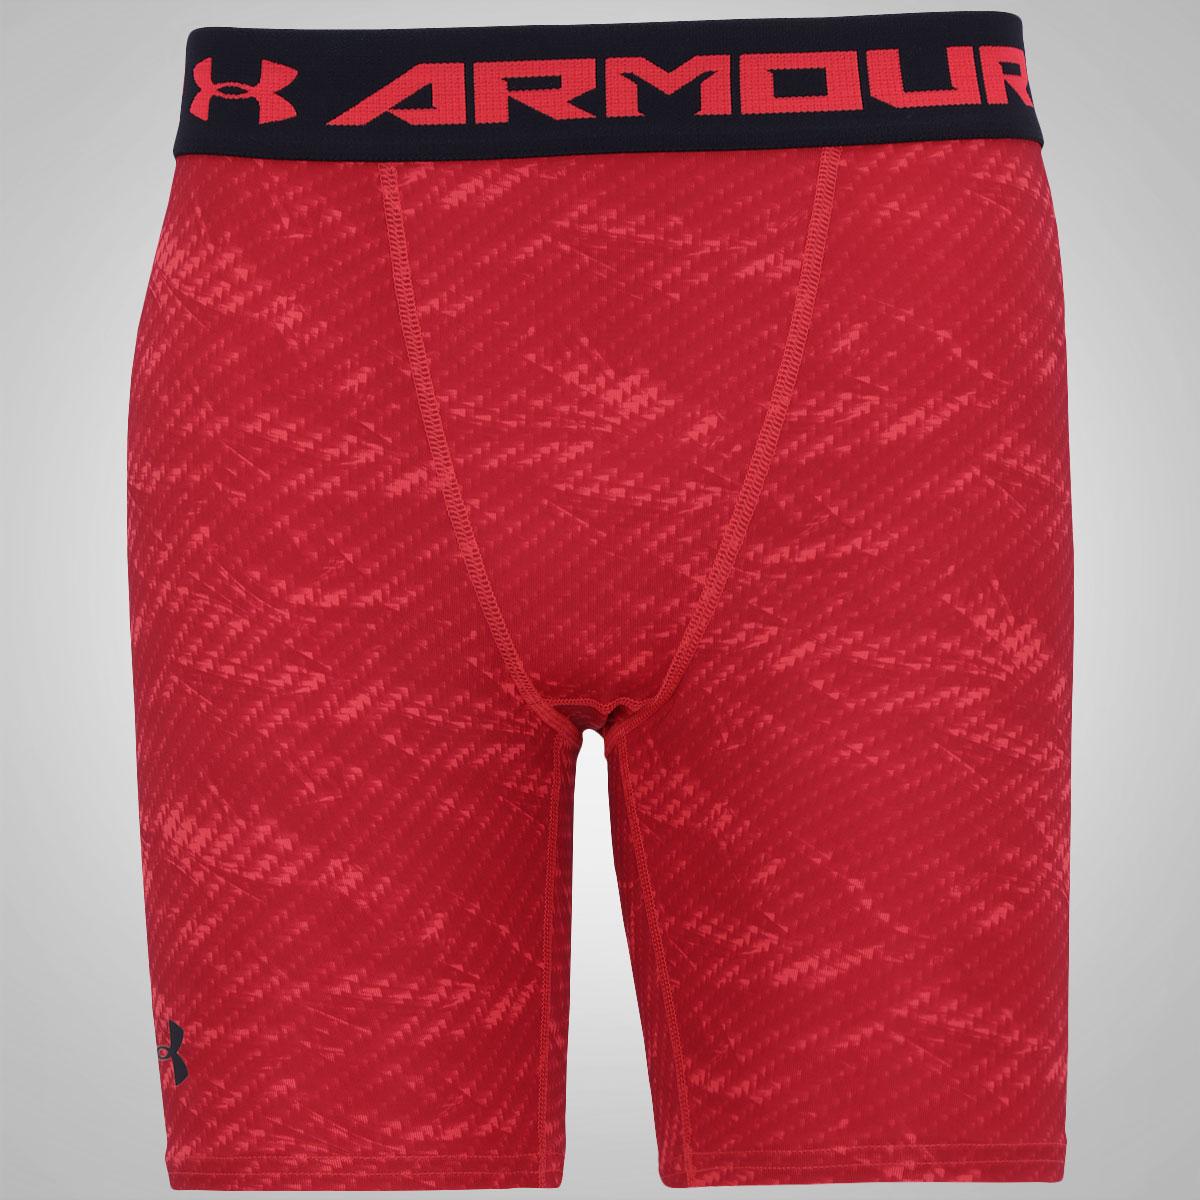 Bermuda de Compressão Under Armour HG Printed - Masculina